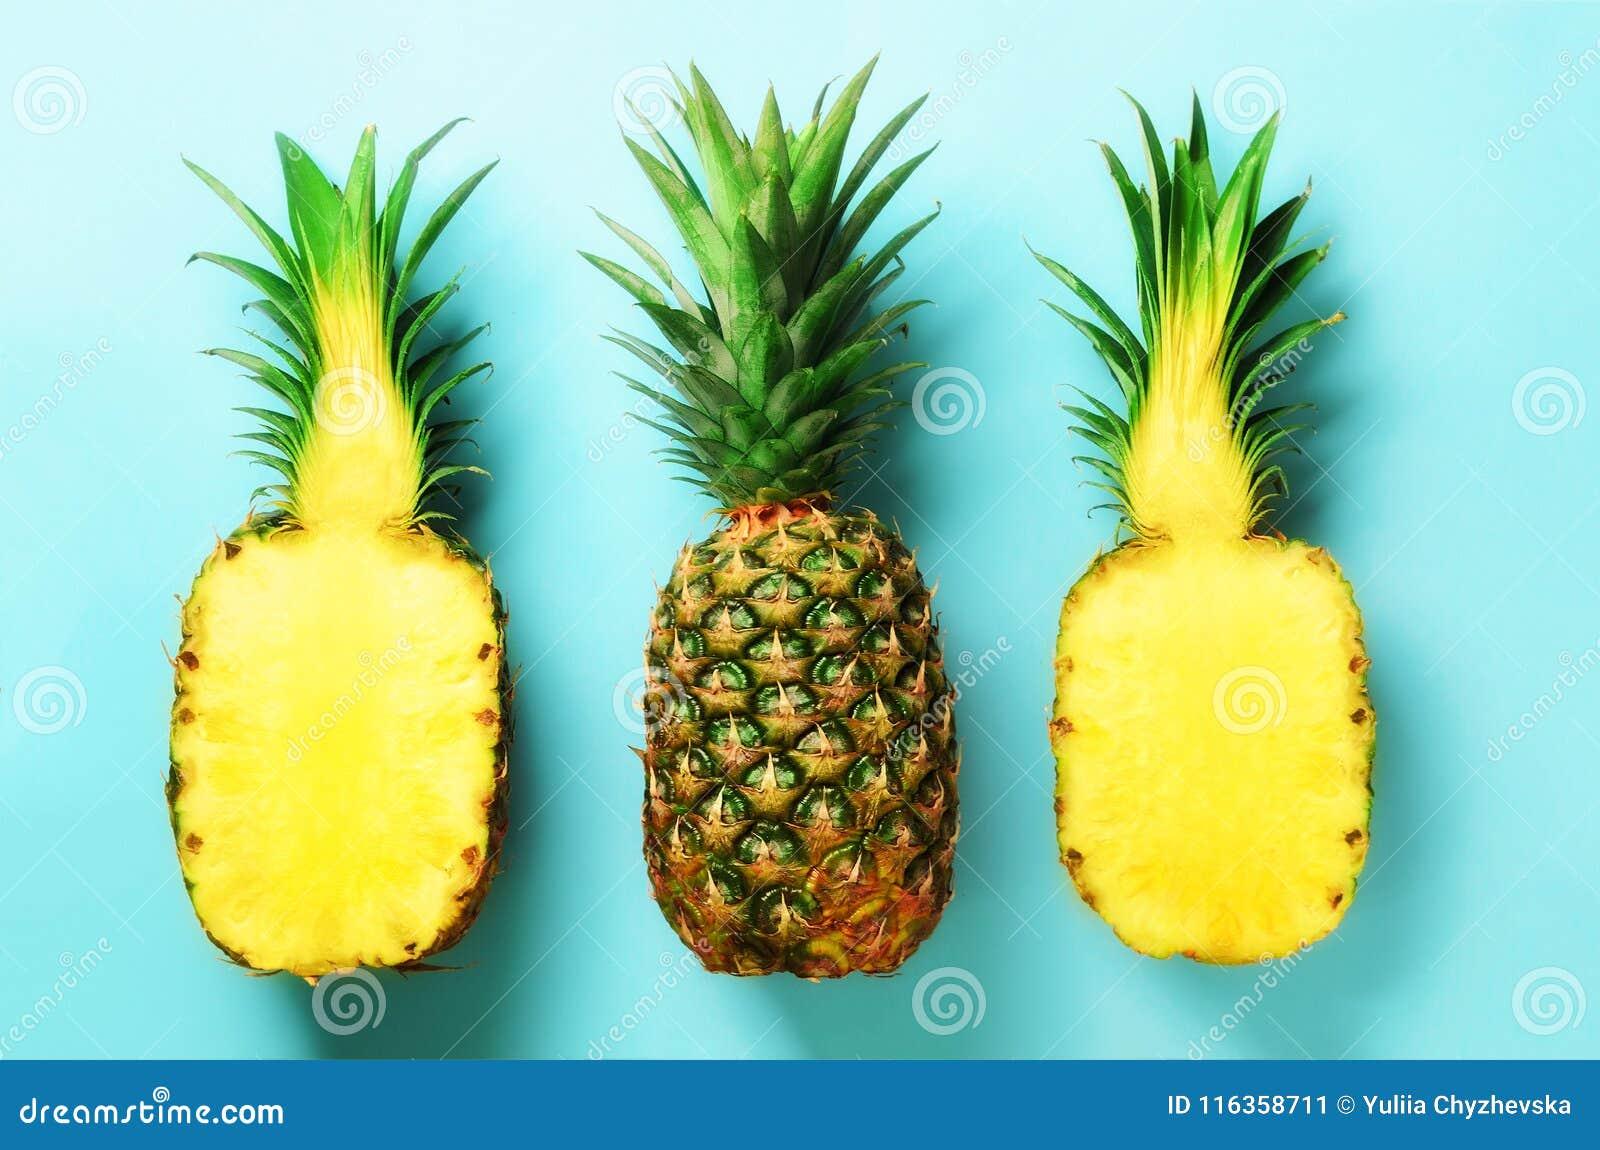 Ljus ananasmodell för minsta stil Top beskådar Design för popkonst, idérikt begrepp kopiera avstånd Nya ananors på